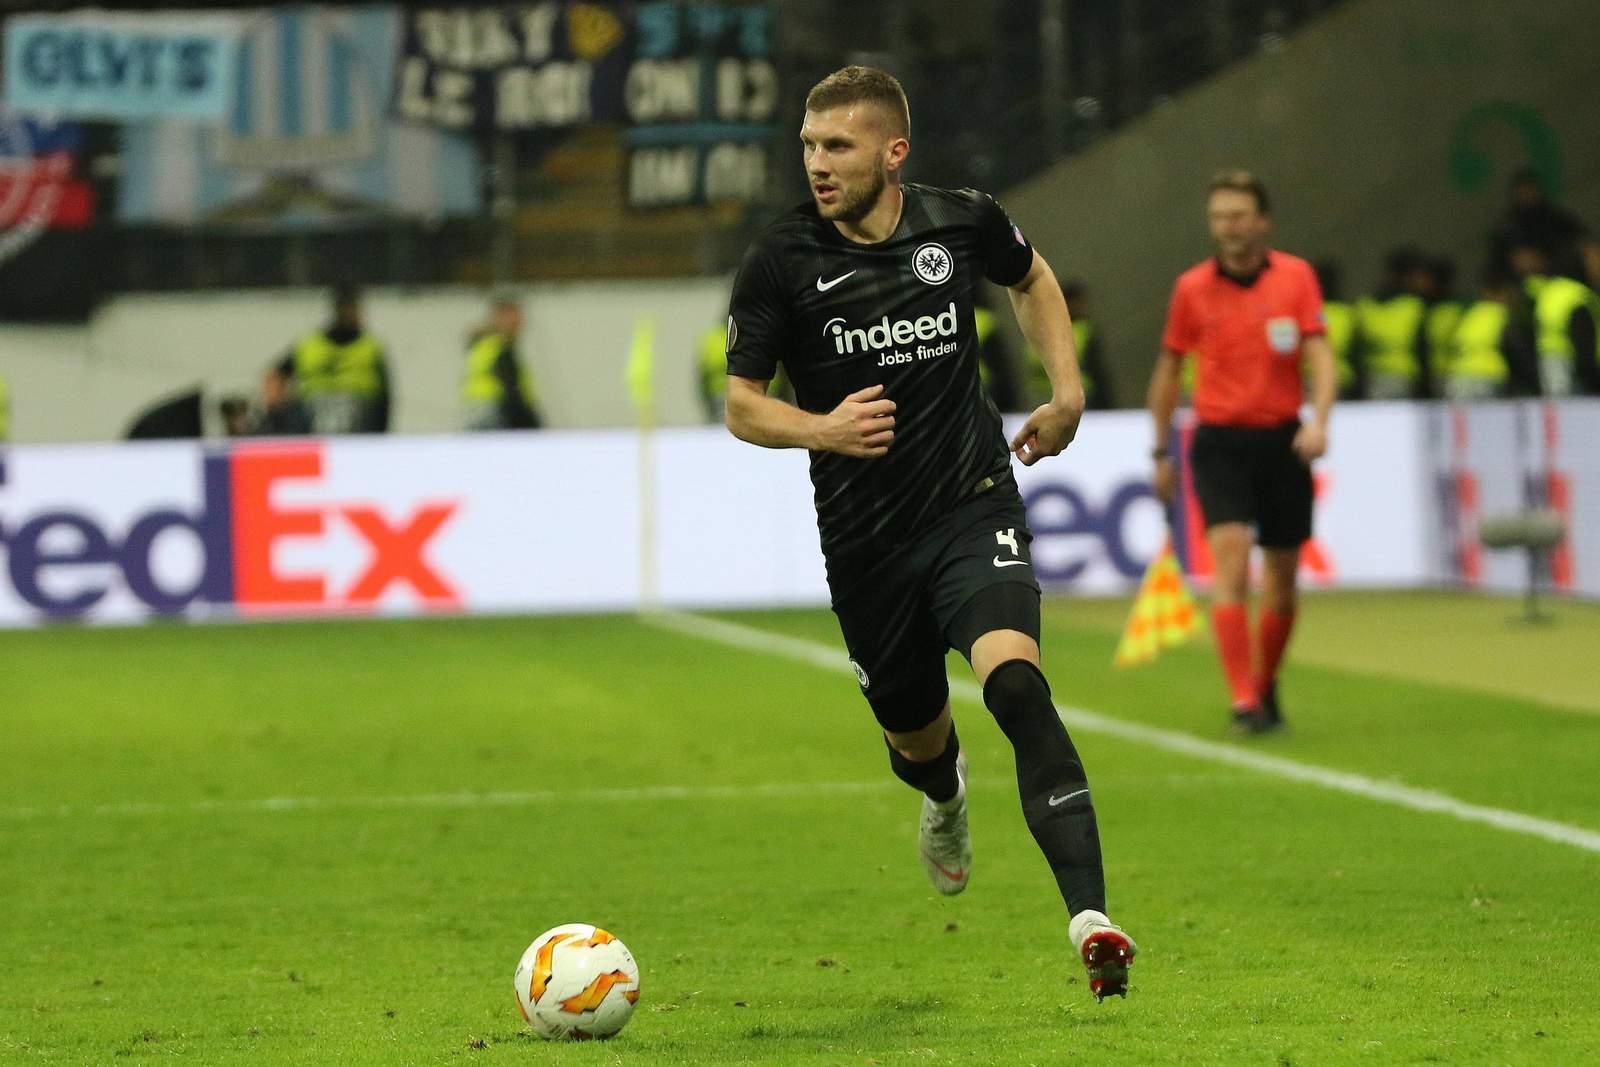 Setzt sich Rebic wieder durch? Jetzt auf Benfica gegen Eintracht Frankfurt wetten